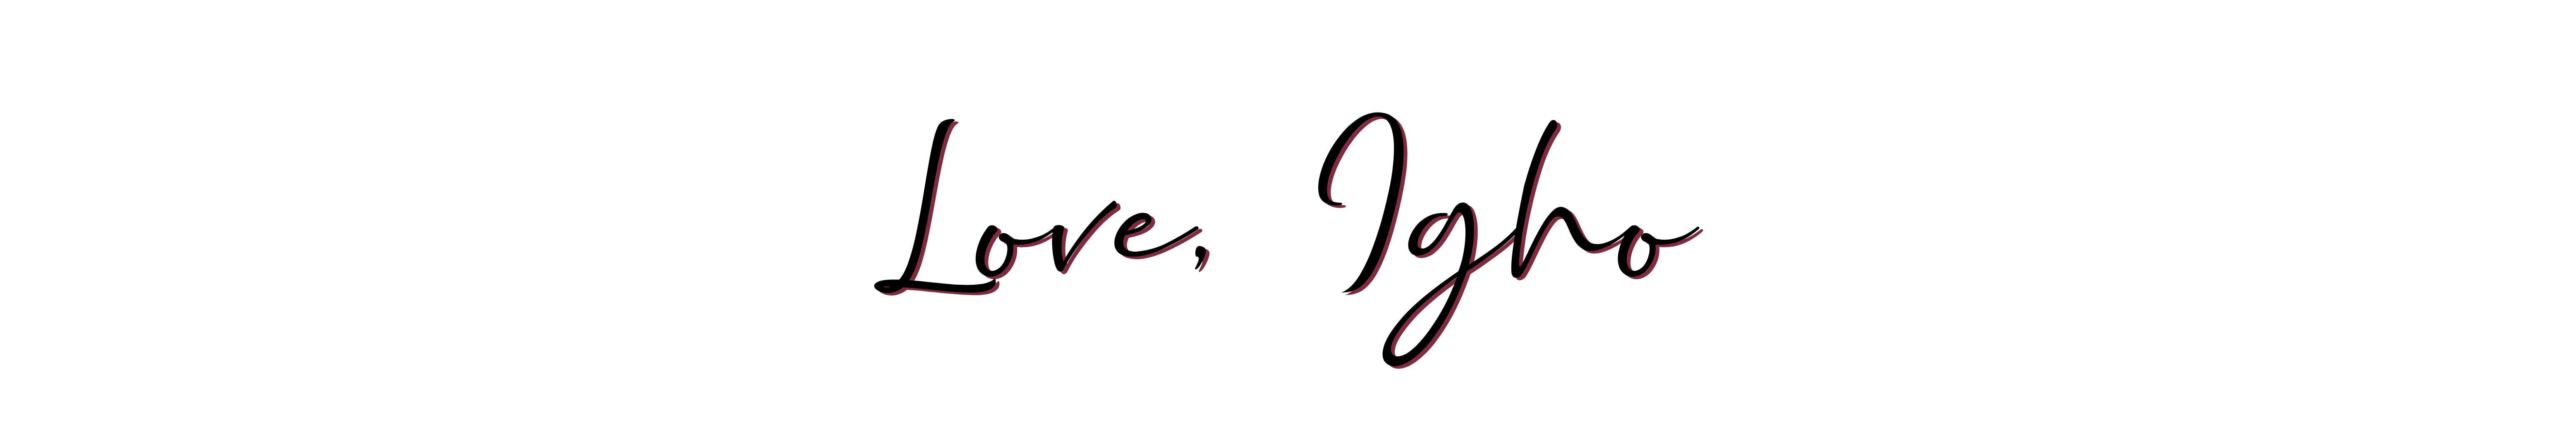 love, igho